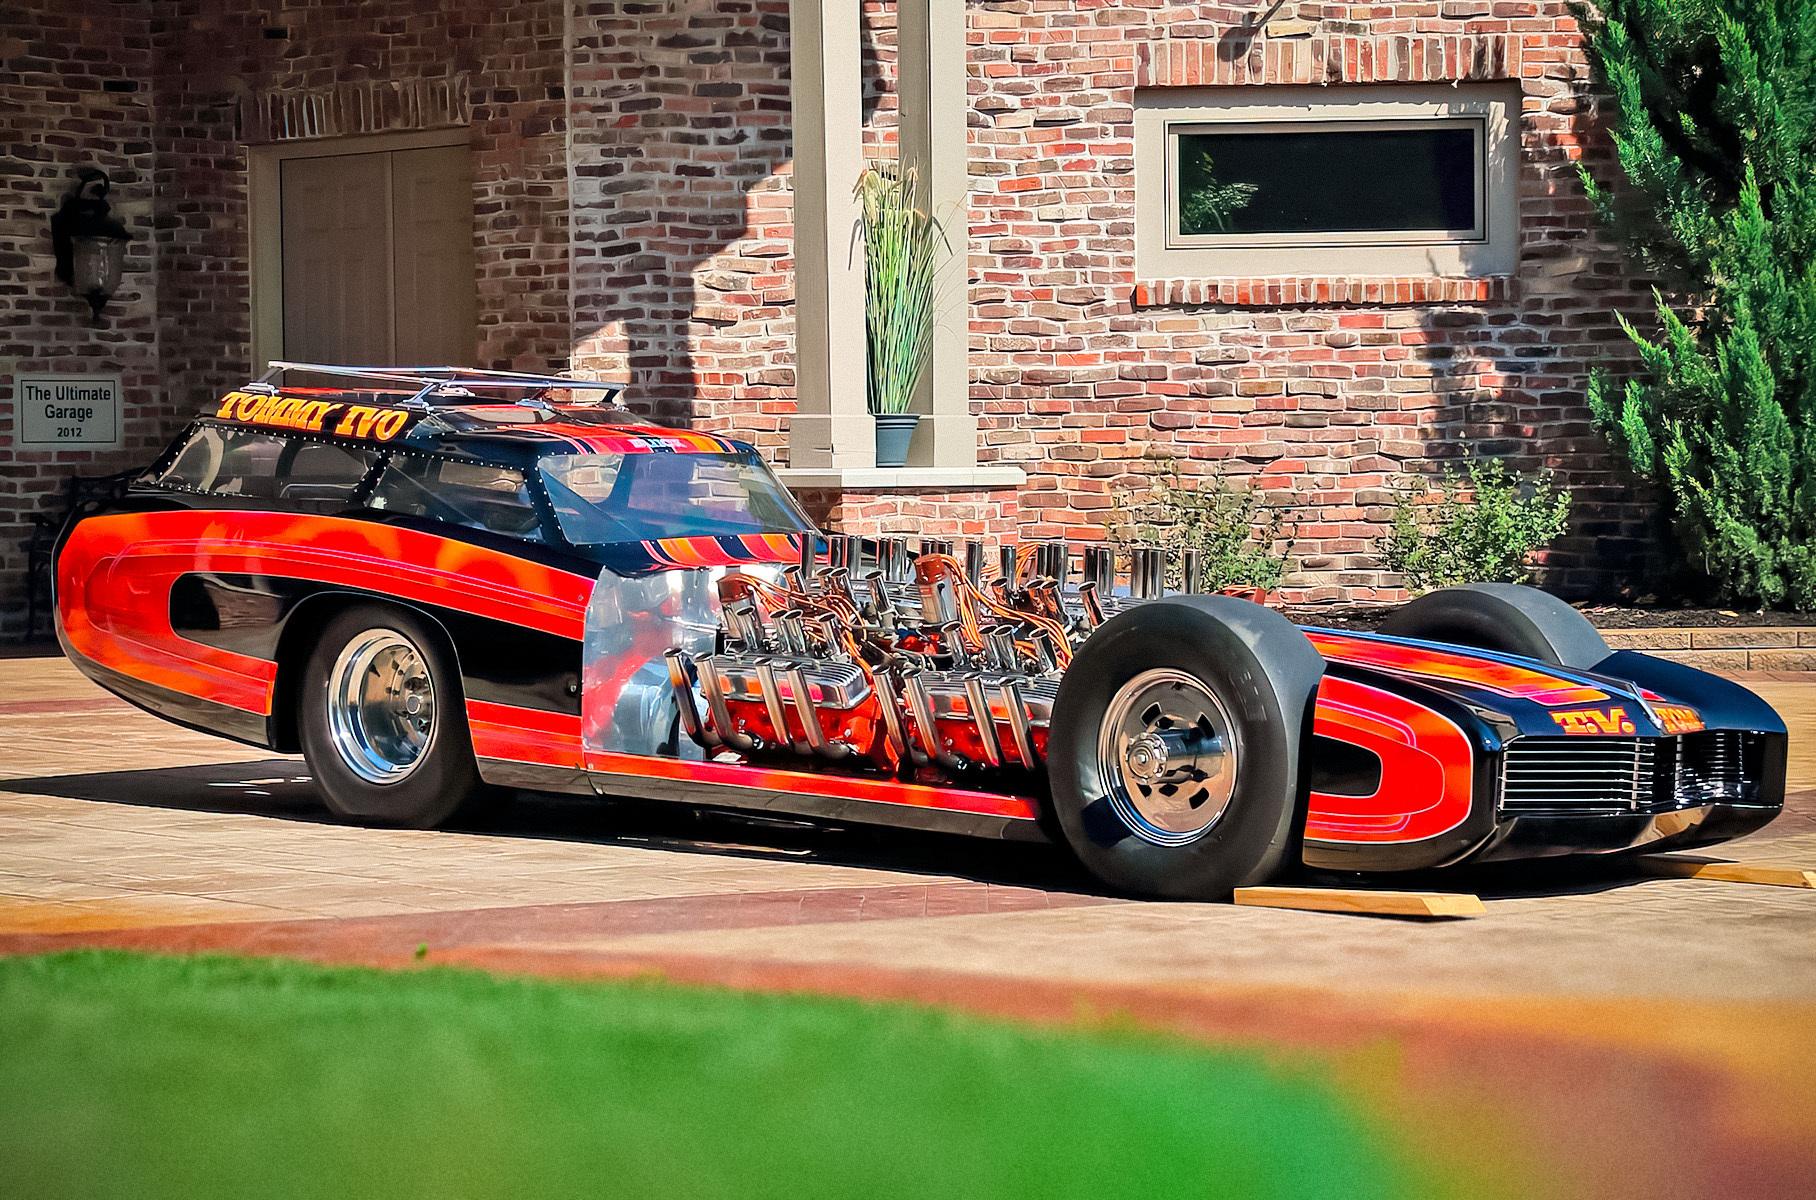 Посмотрите на уникальный одноместный хот-род Buick, у которого четыре мотора V8